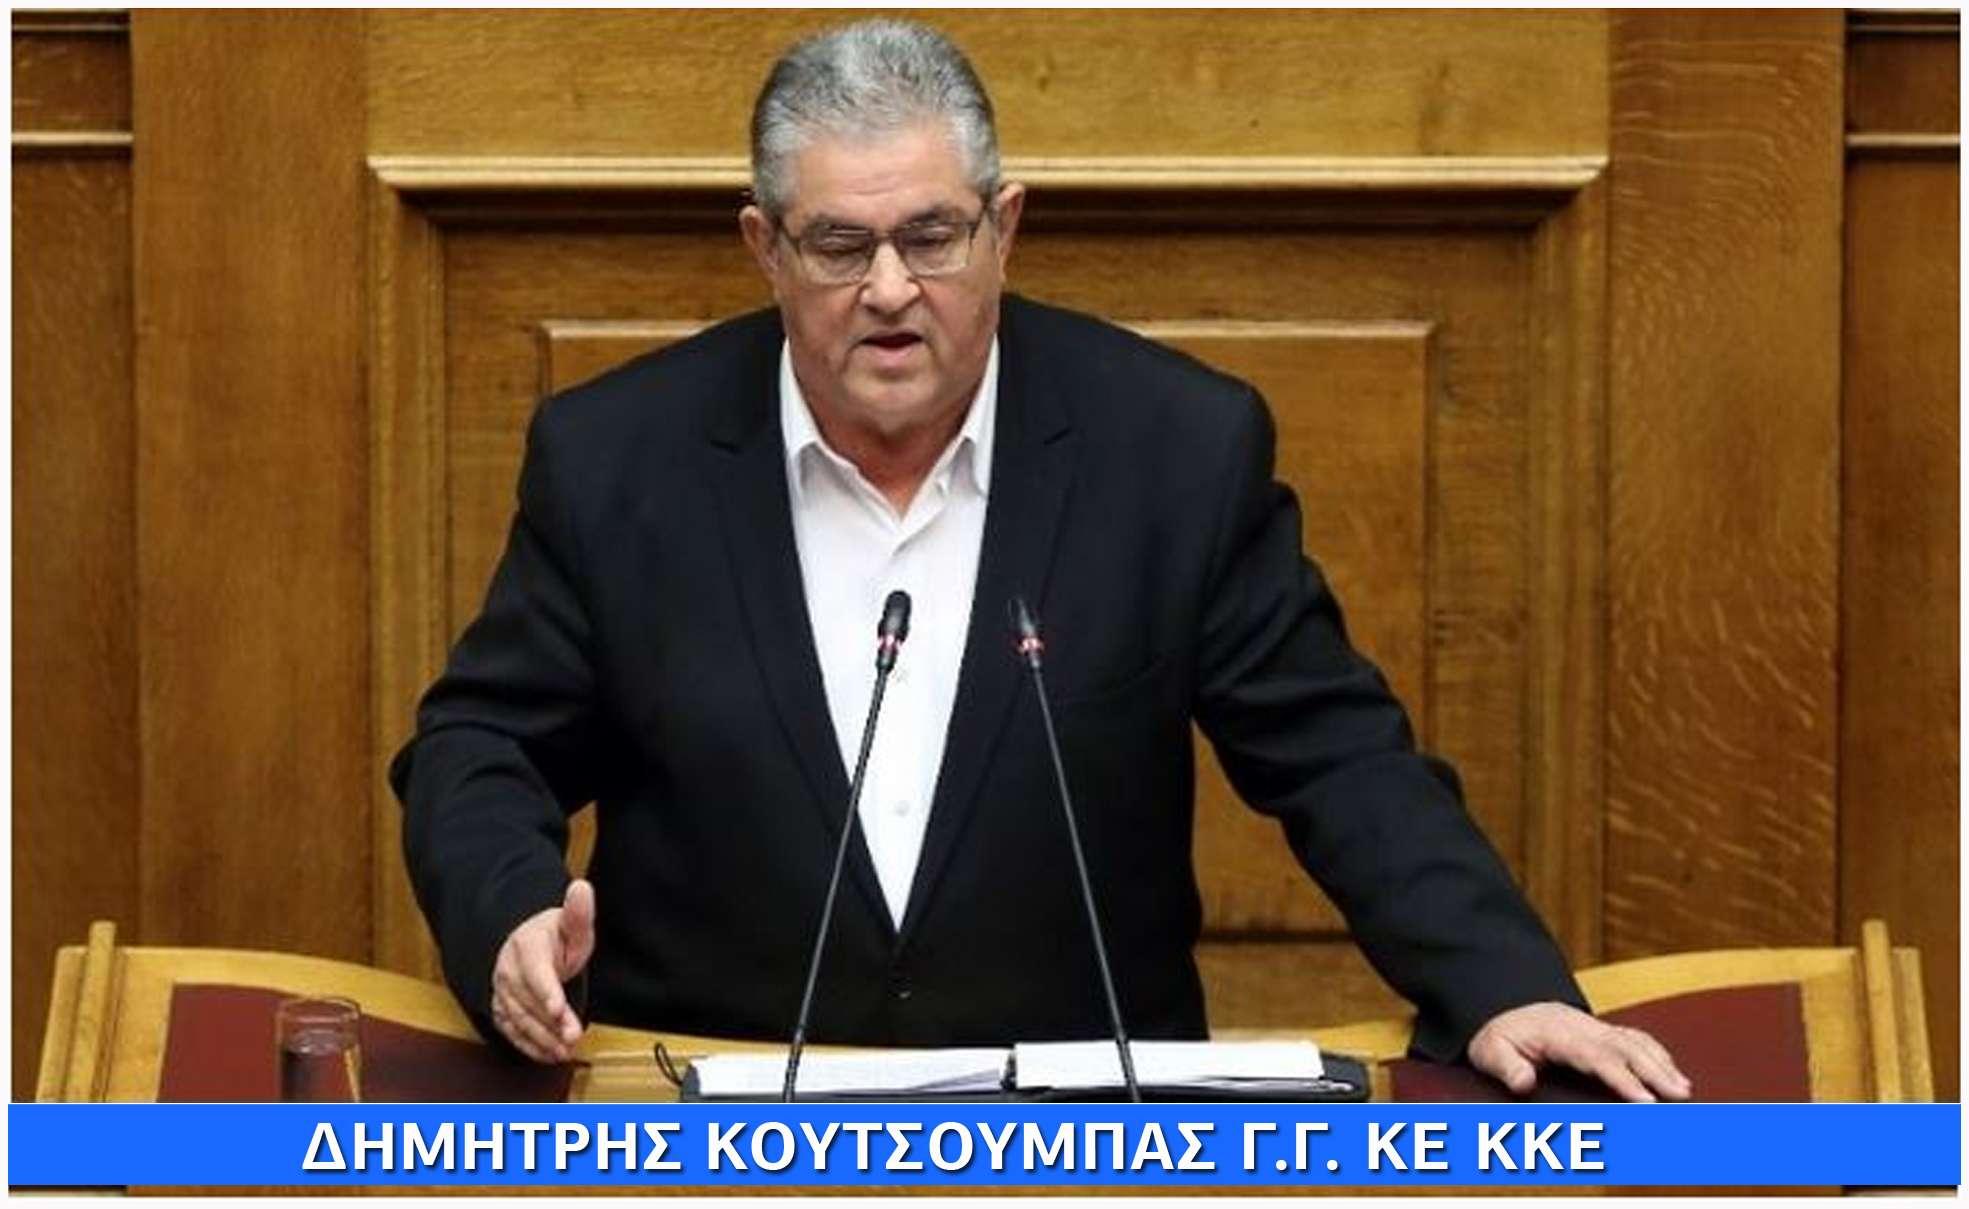 Βουλή-ΚΚΕ Δημ. Κουτσούμπας: Οι εργαζόμενοι πλήρωσαν πολλά, δεν θα πληρώσουν ξανά